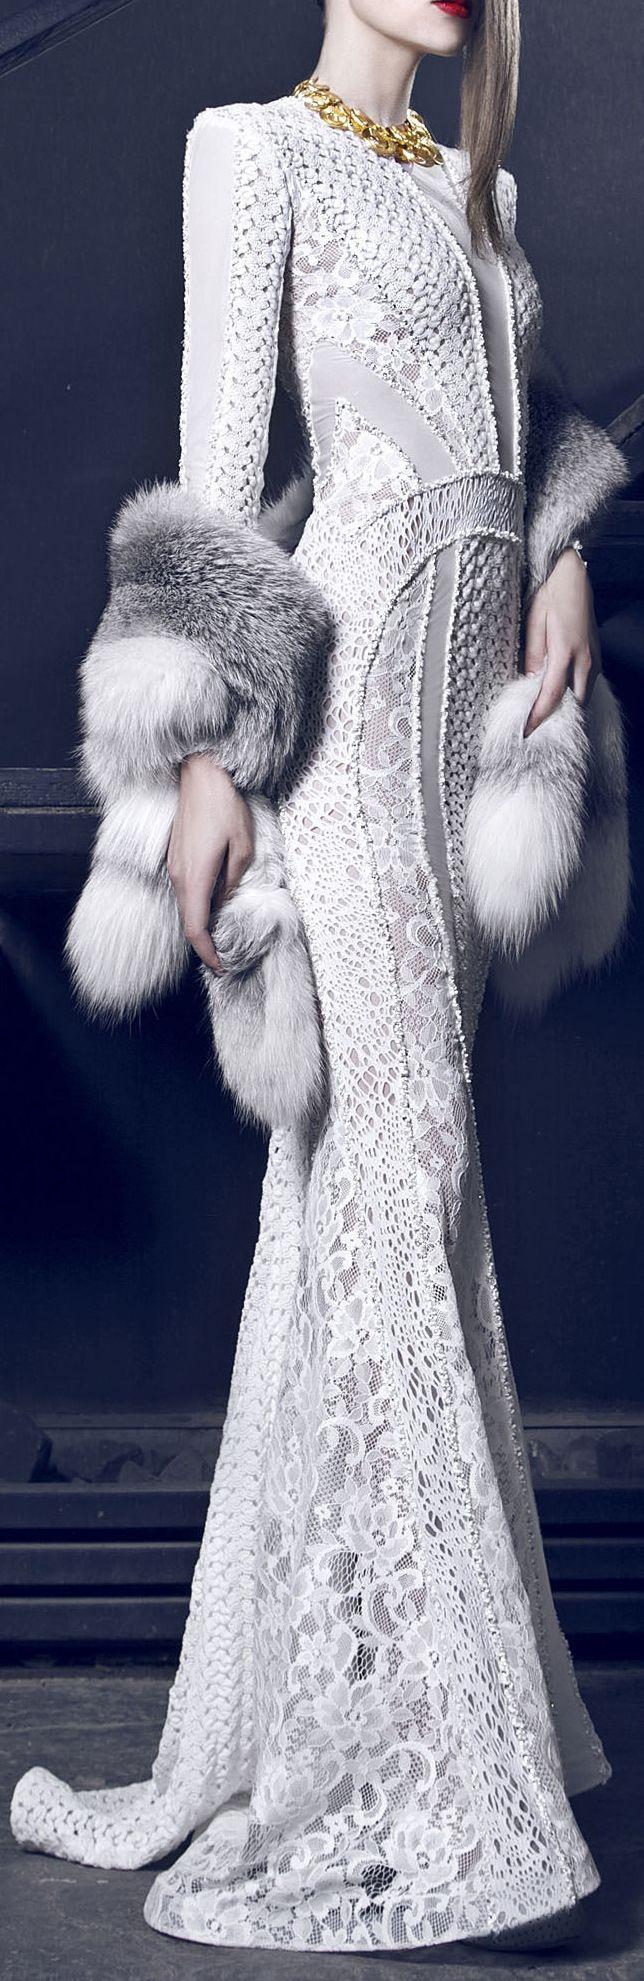 Nicolas Jebran Couture Fall/Winter 2014-2015